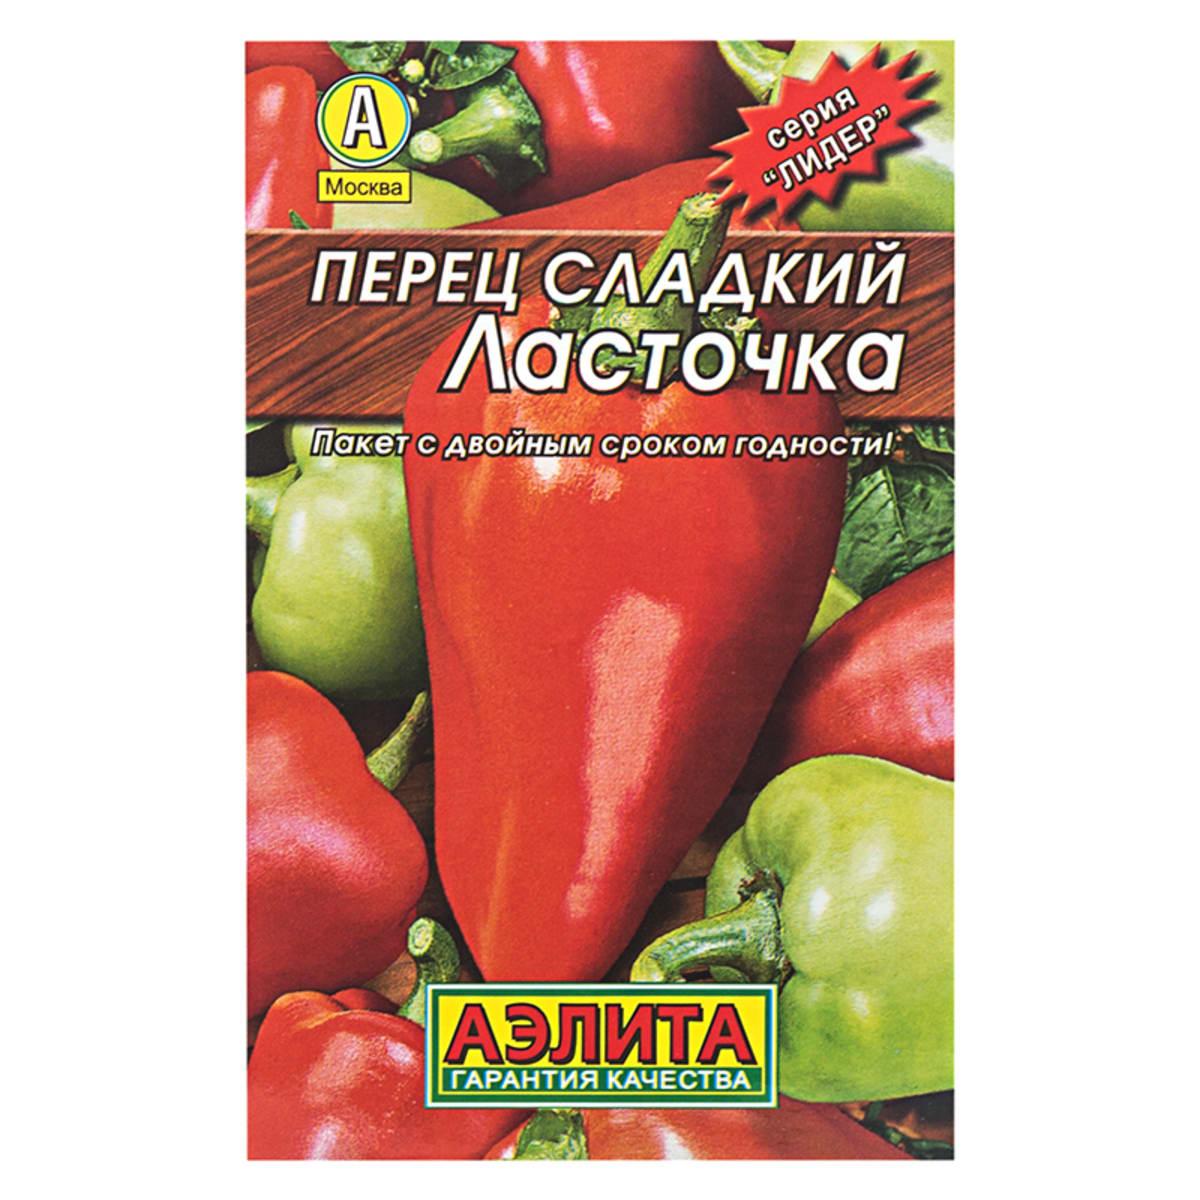 Перец ласточка: описание сорта, выращивание и уход